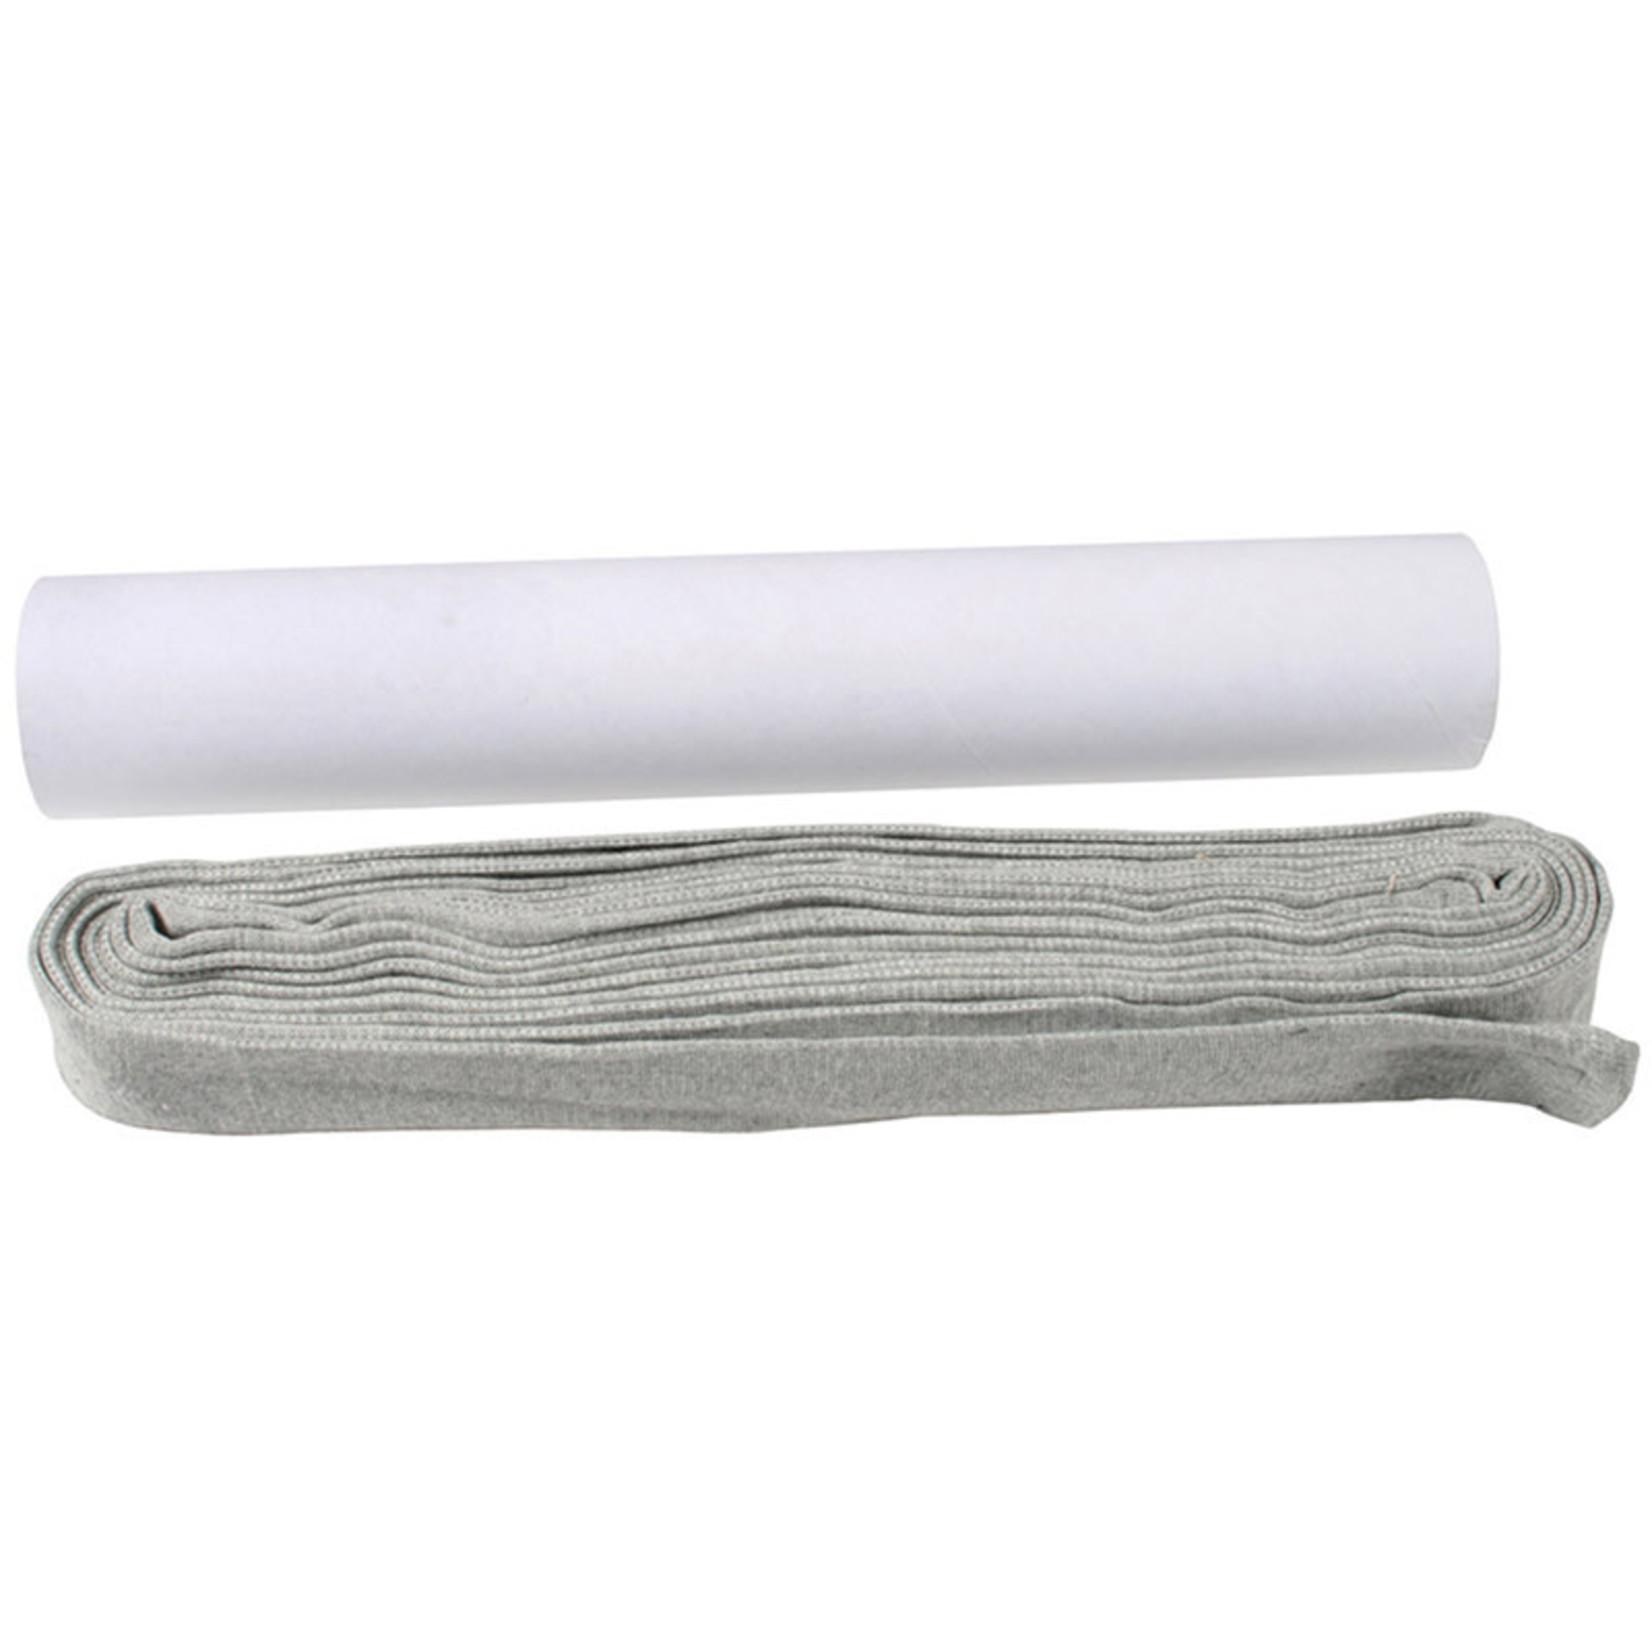 Plastiflex Plastiflex 35' Gray Knit Hose Sock